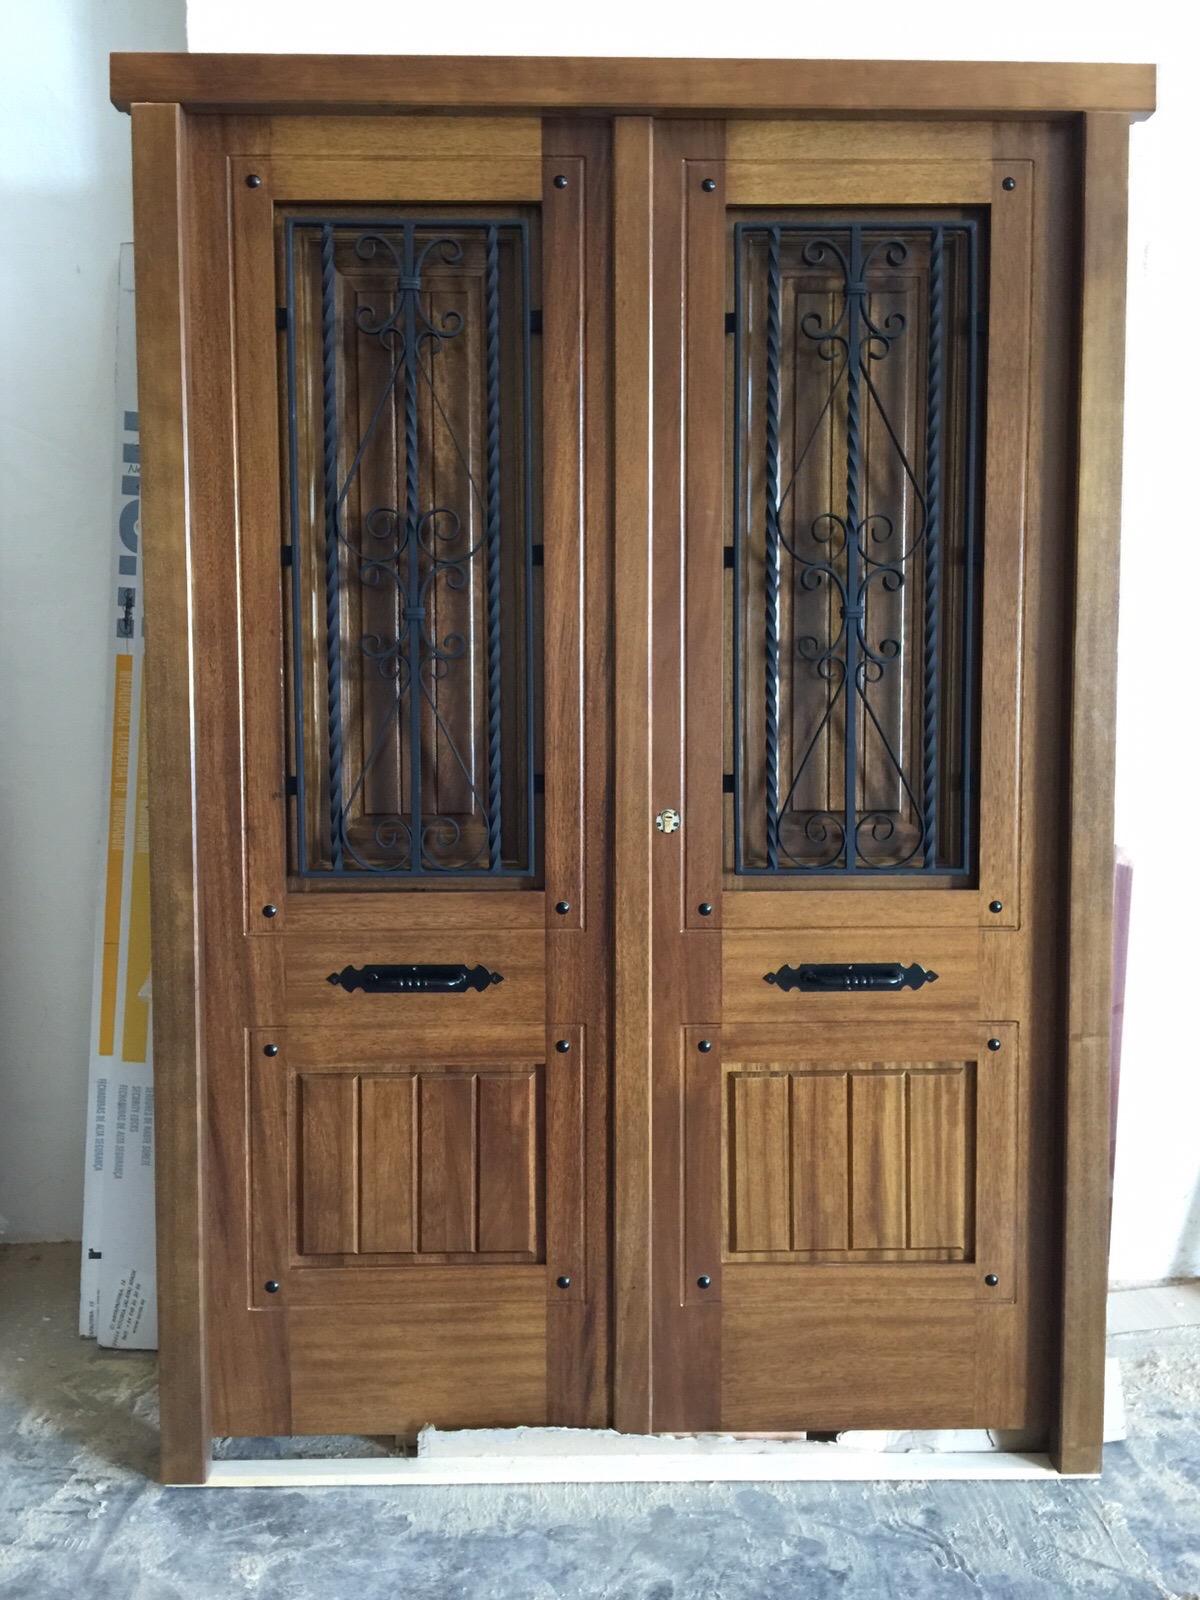 Puertas de valera ofertas en puertas de madera for Puertas de madera en oferta